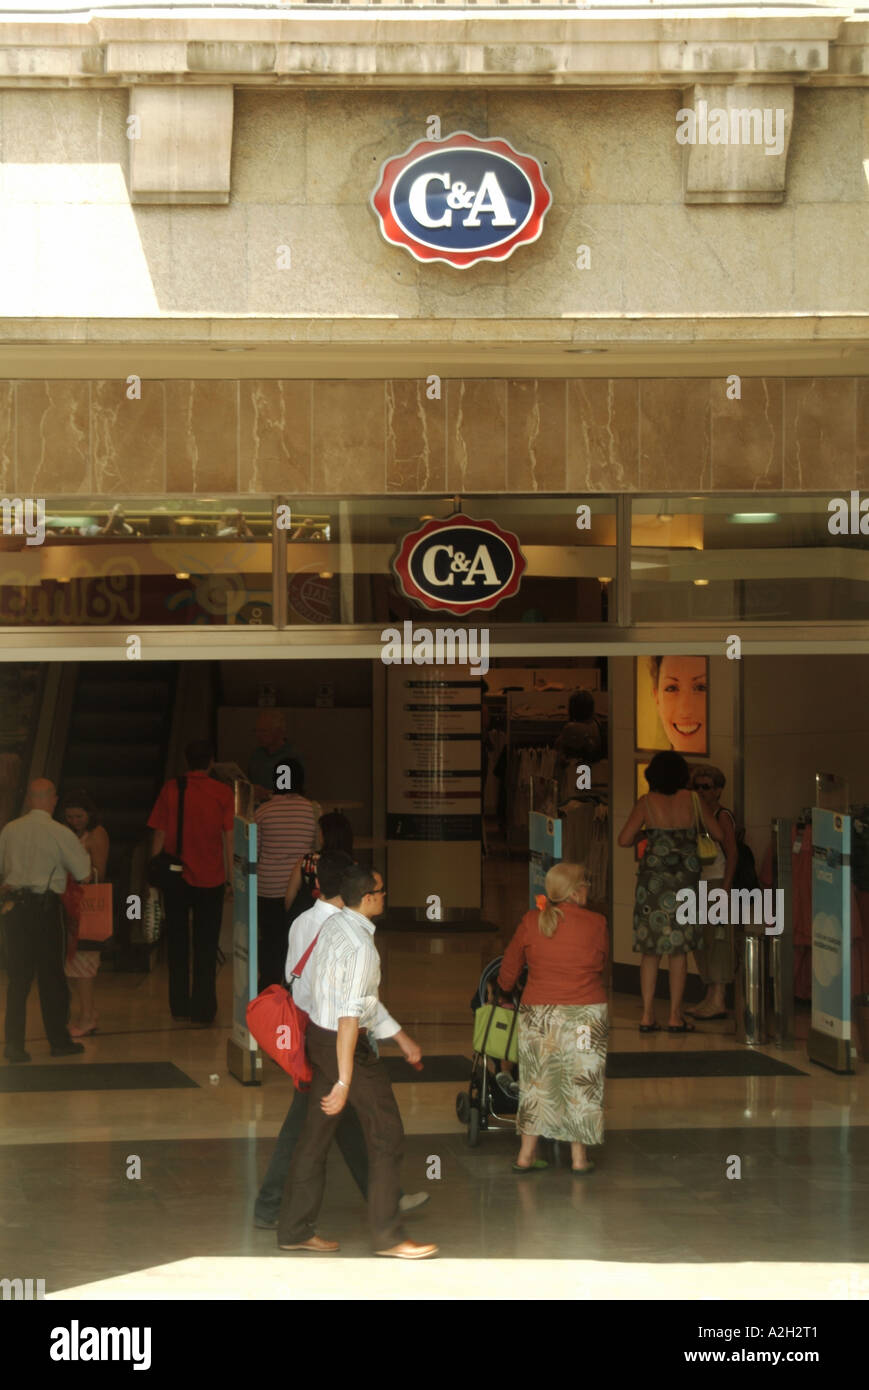 Palma Modes C et A magasin de vêtements Photo Stock